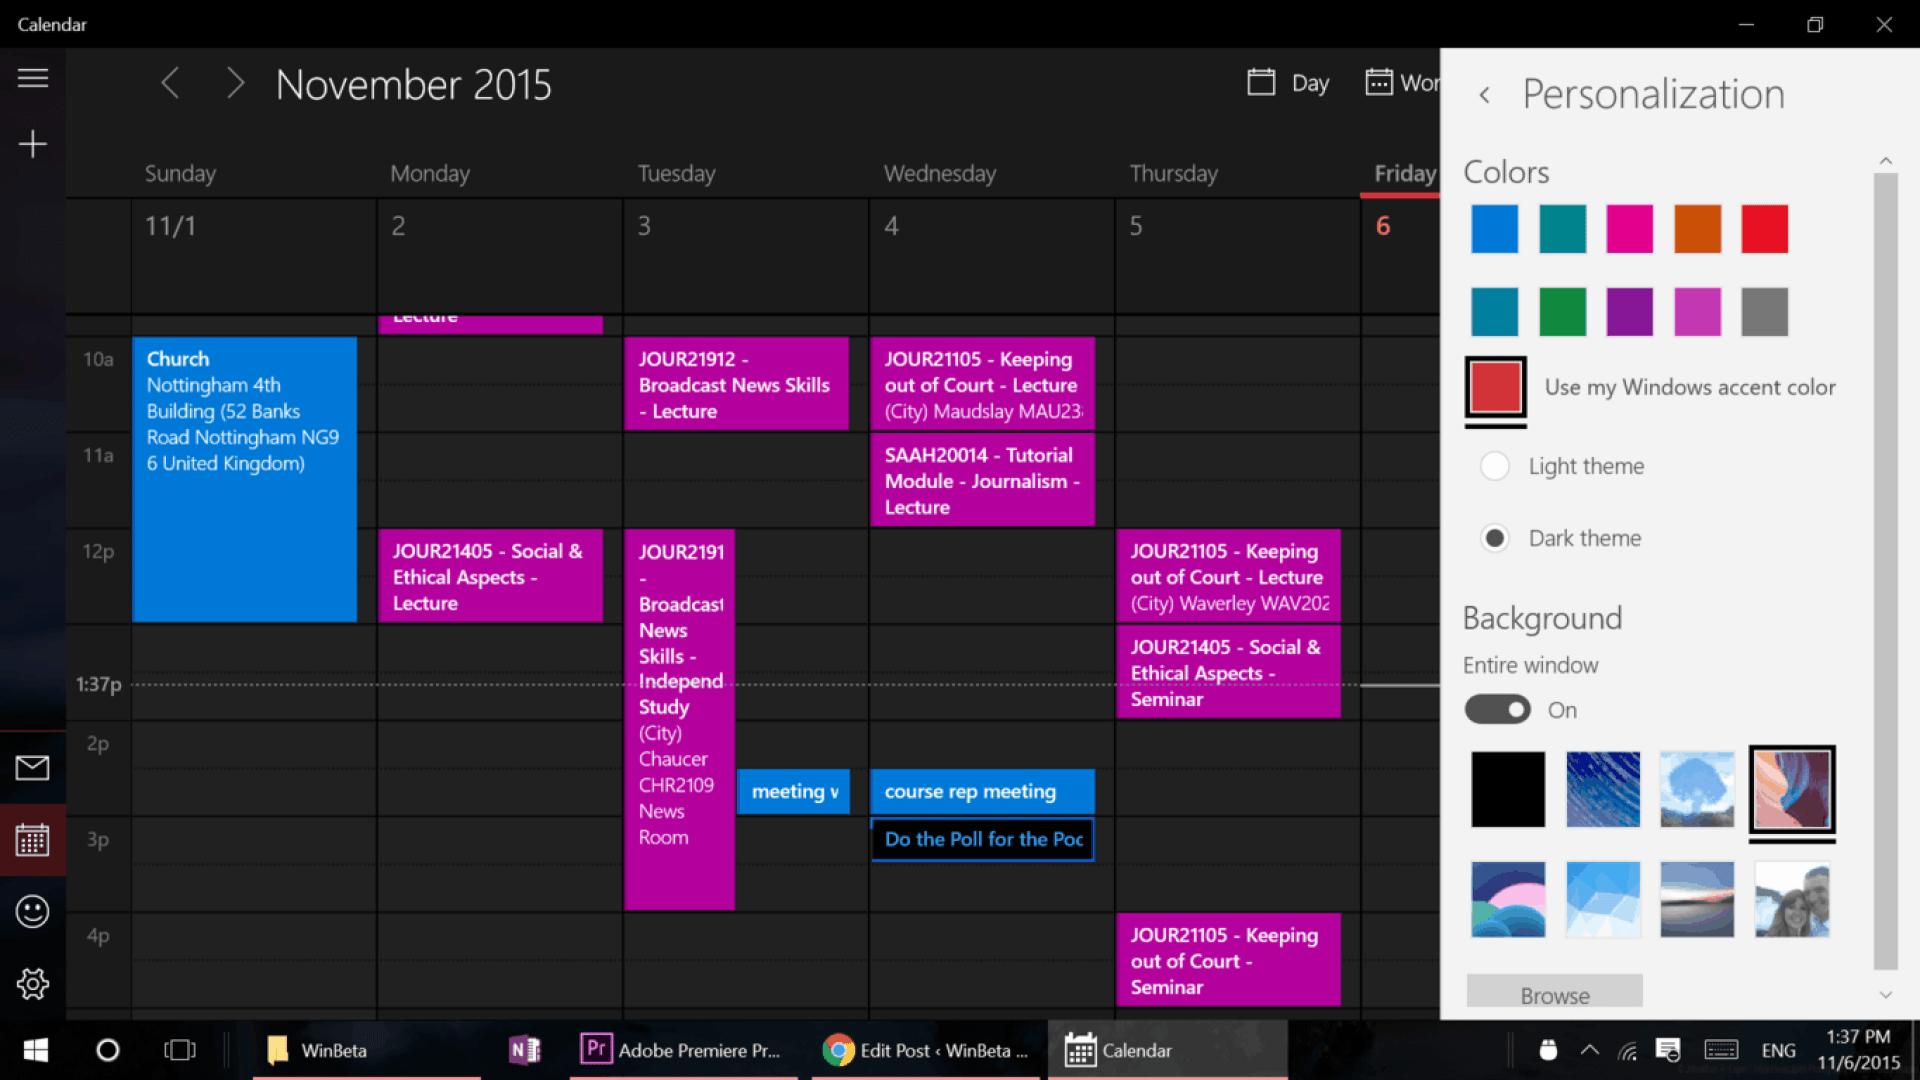 calendar personalization